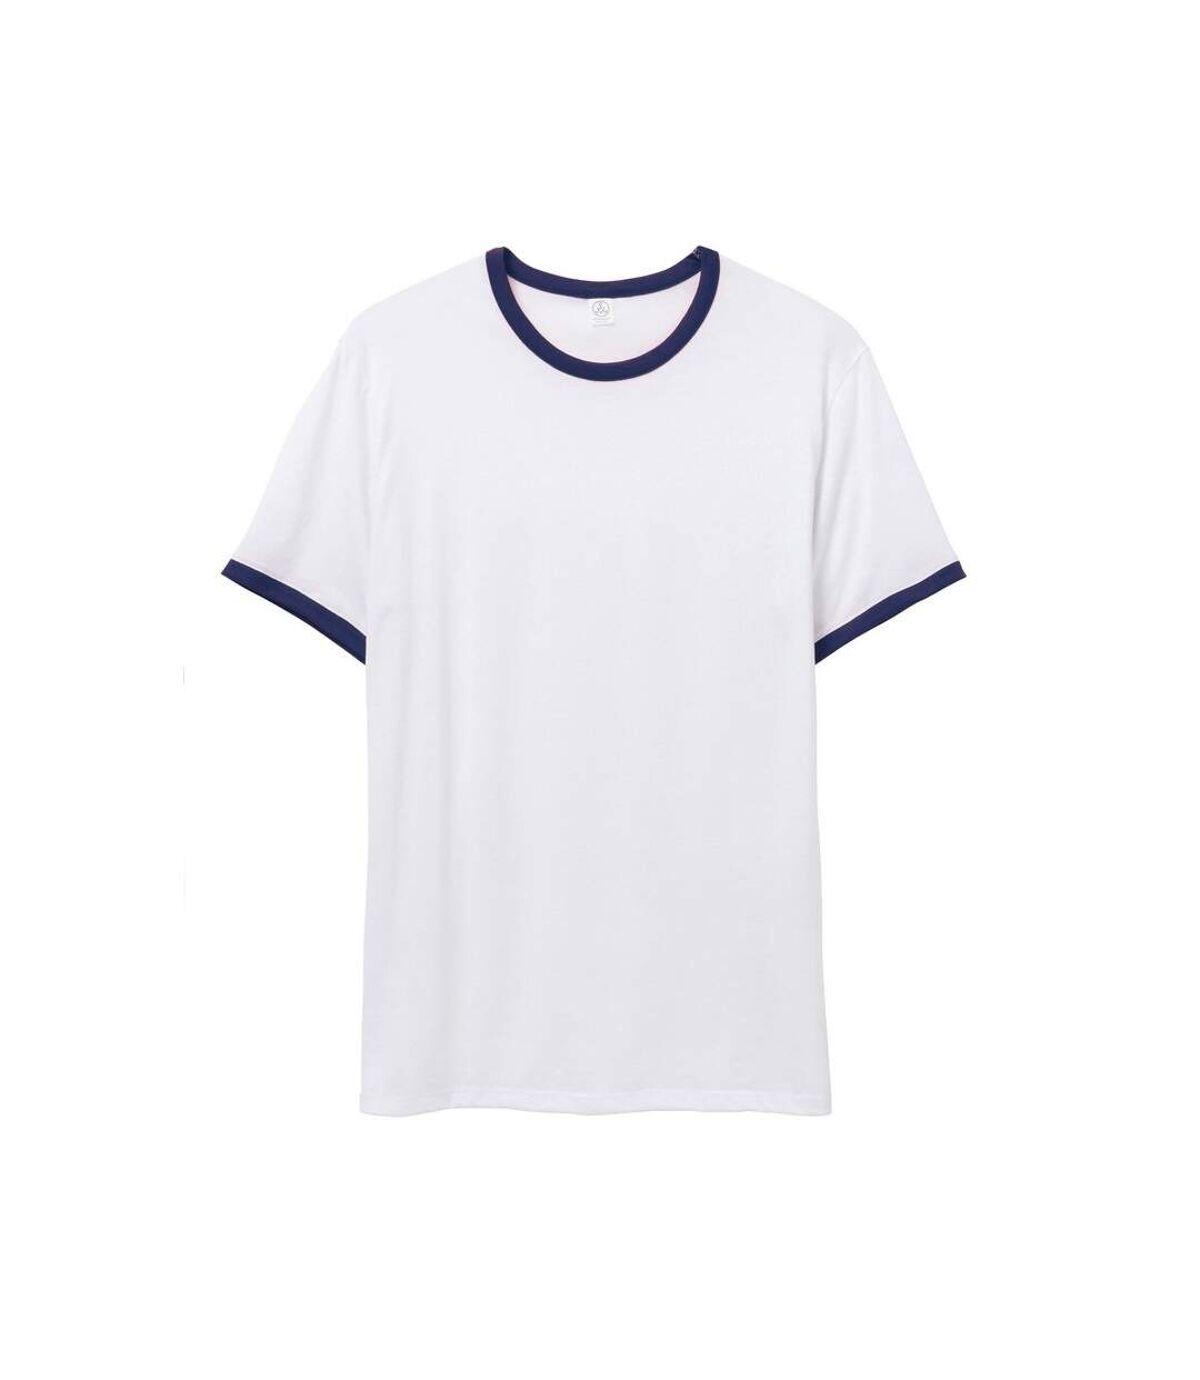 Alternative Apparel Mens 50/50 Vintage Jersey Ringer T-Shirt (White/Navy) - UTRW7149